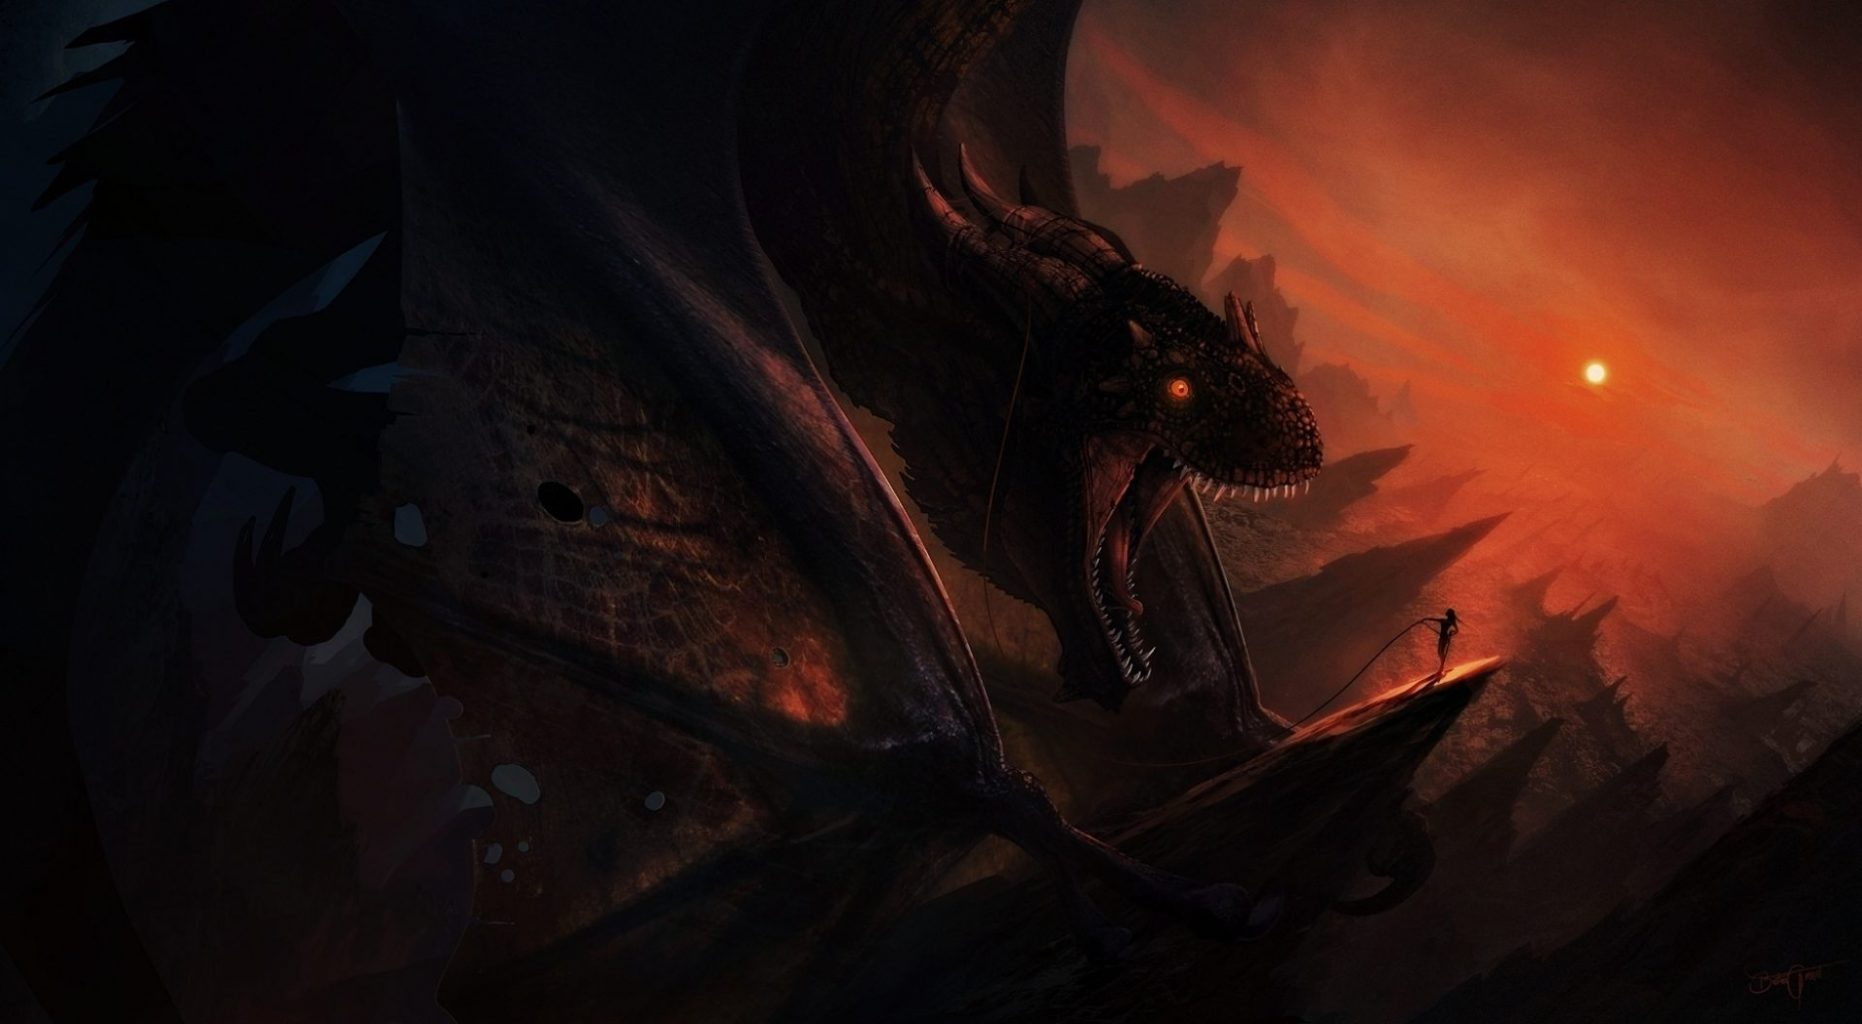 dragão-vermelho